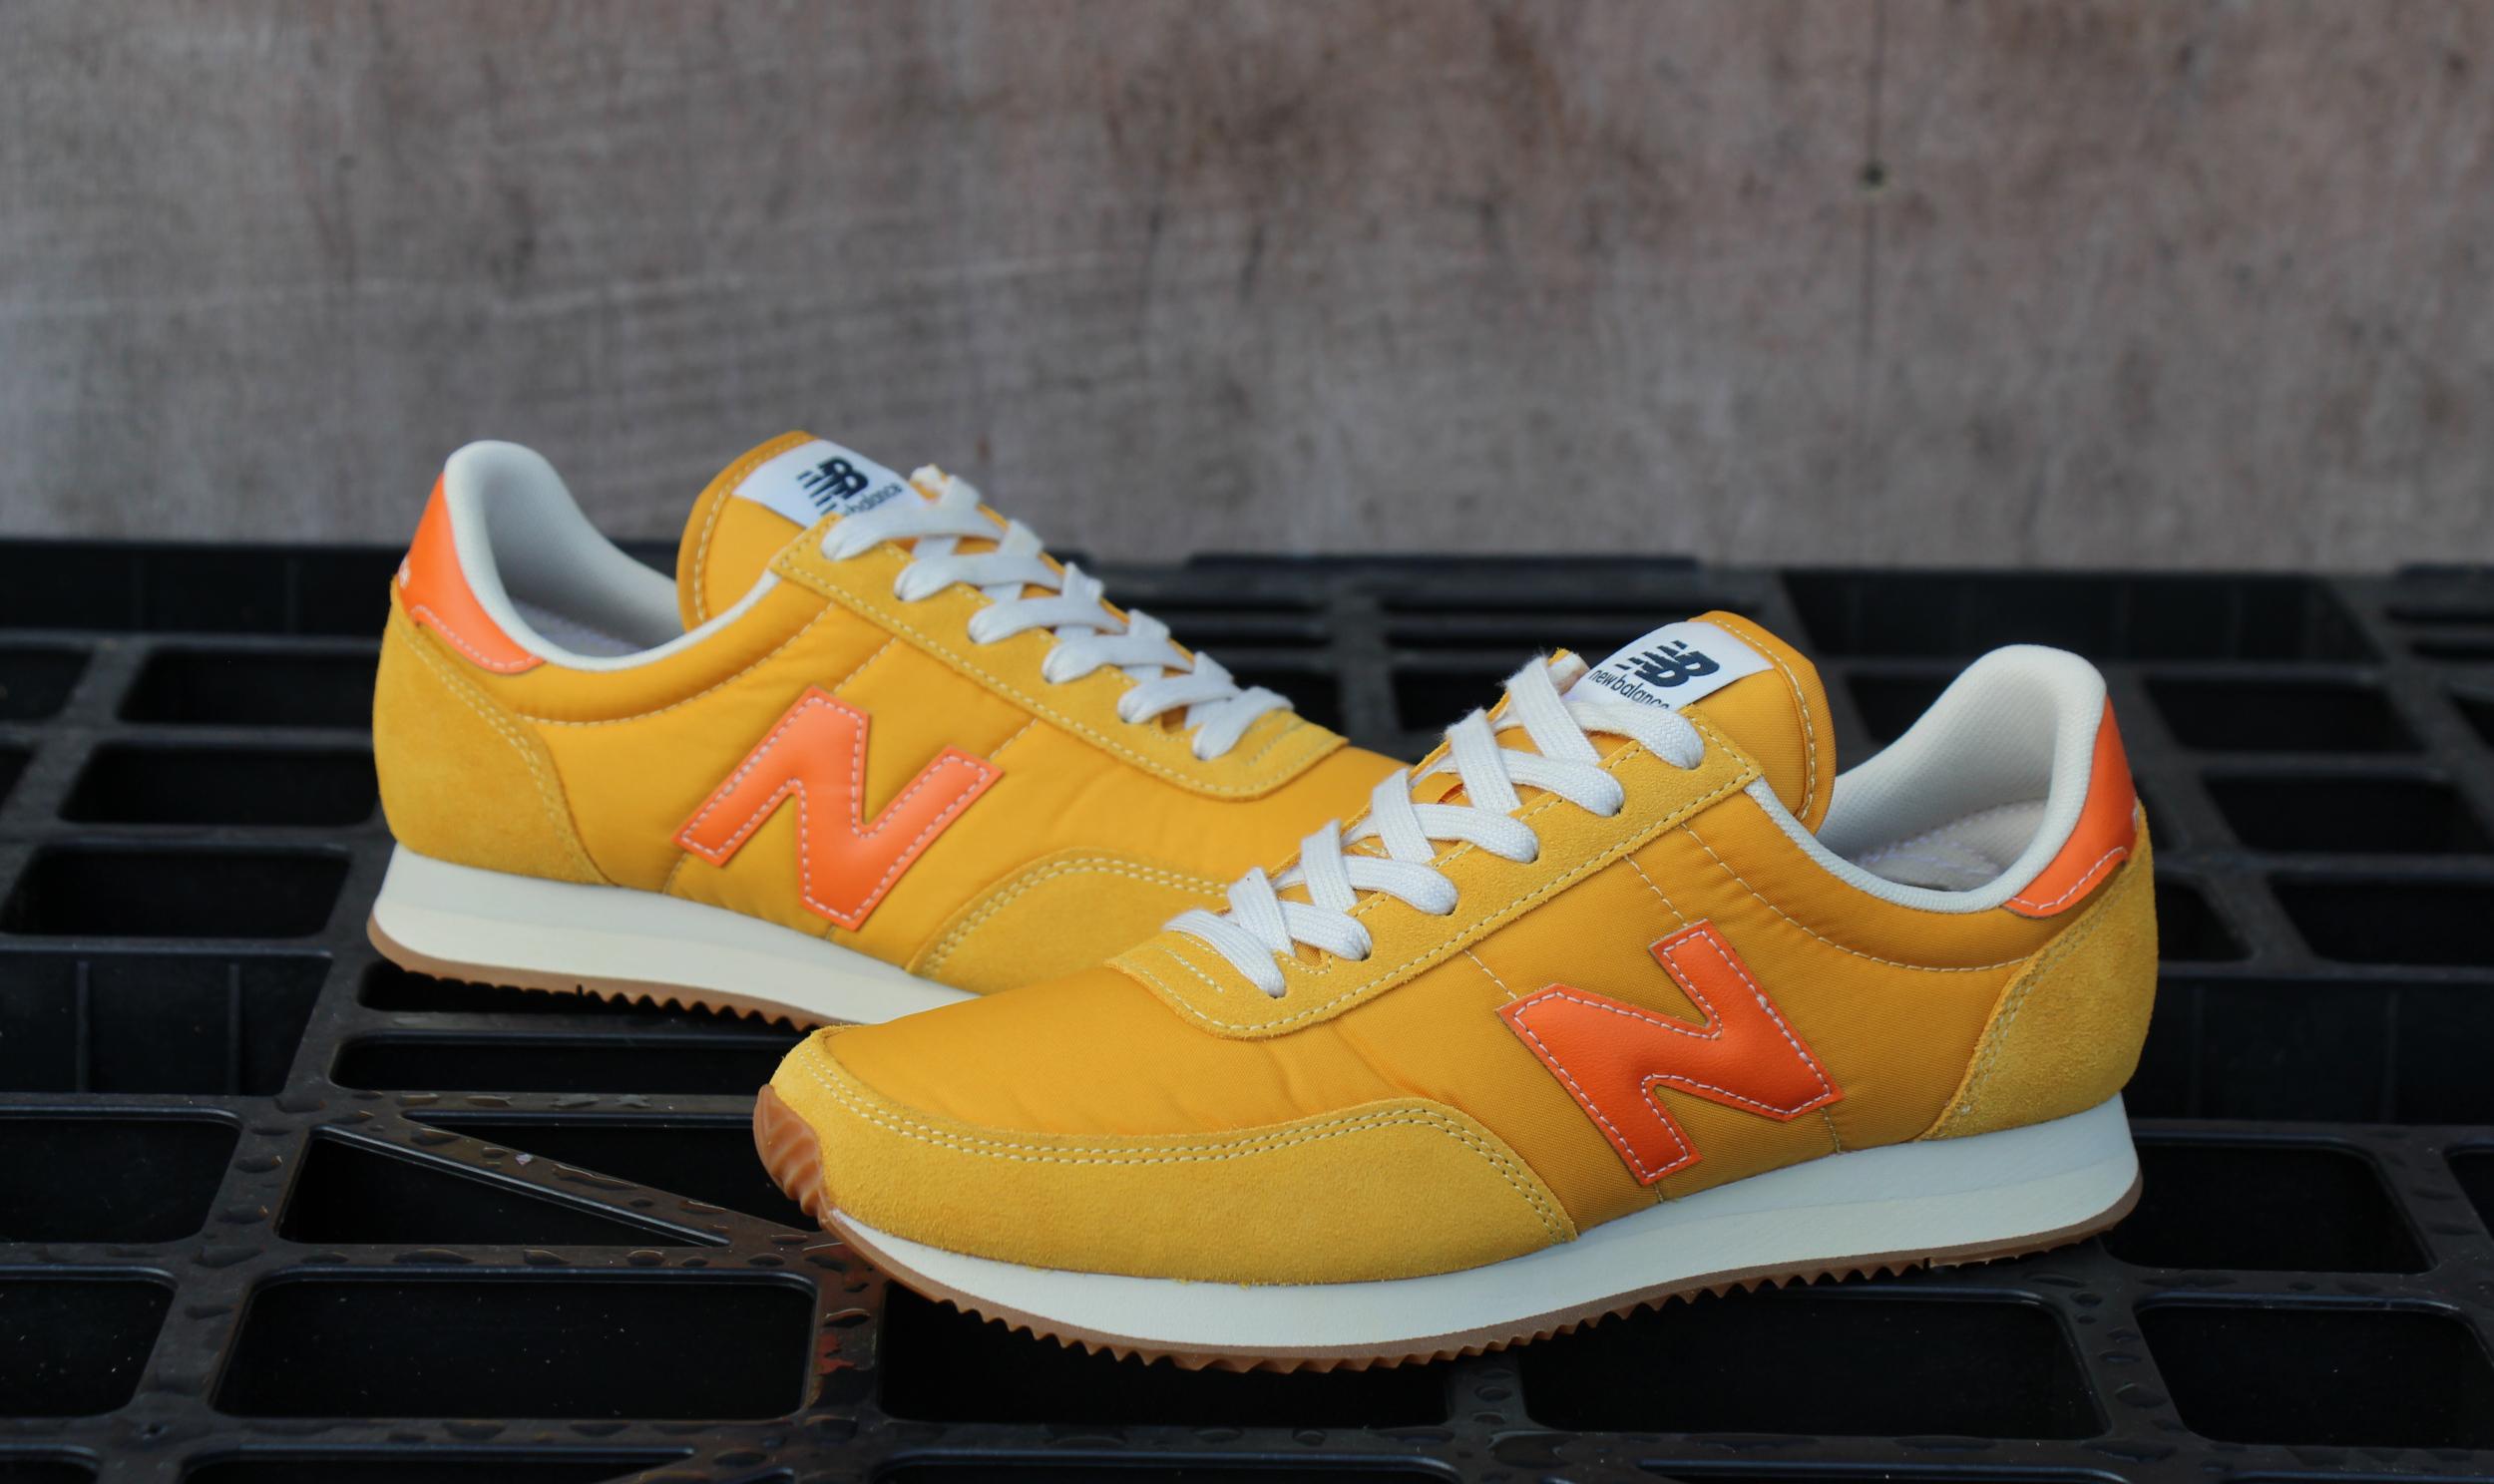 New Balance 720 Trainer Yellow